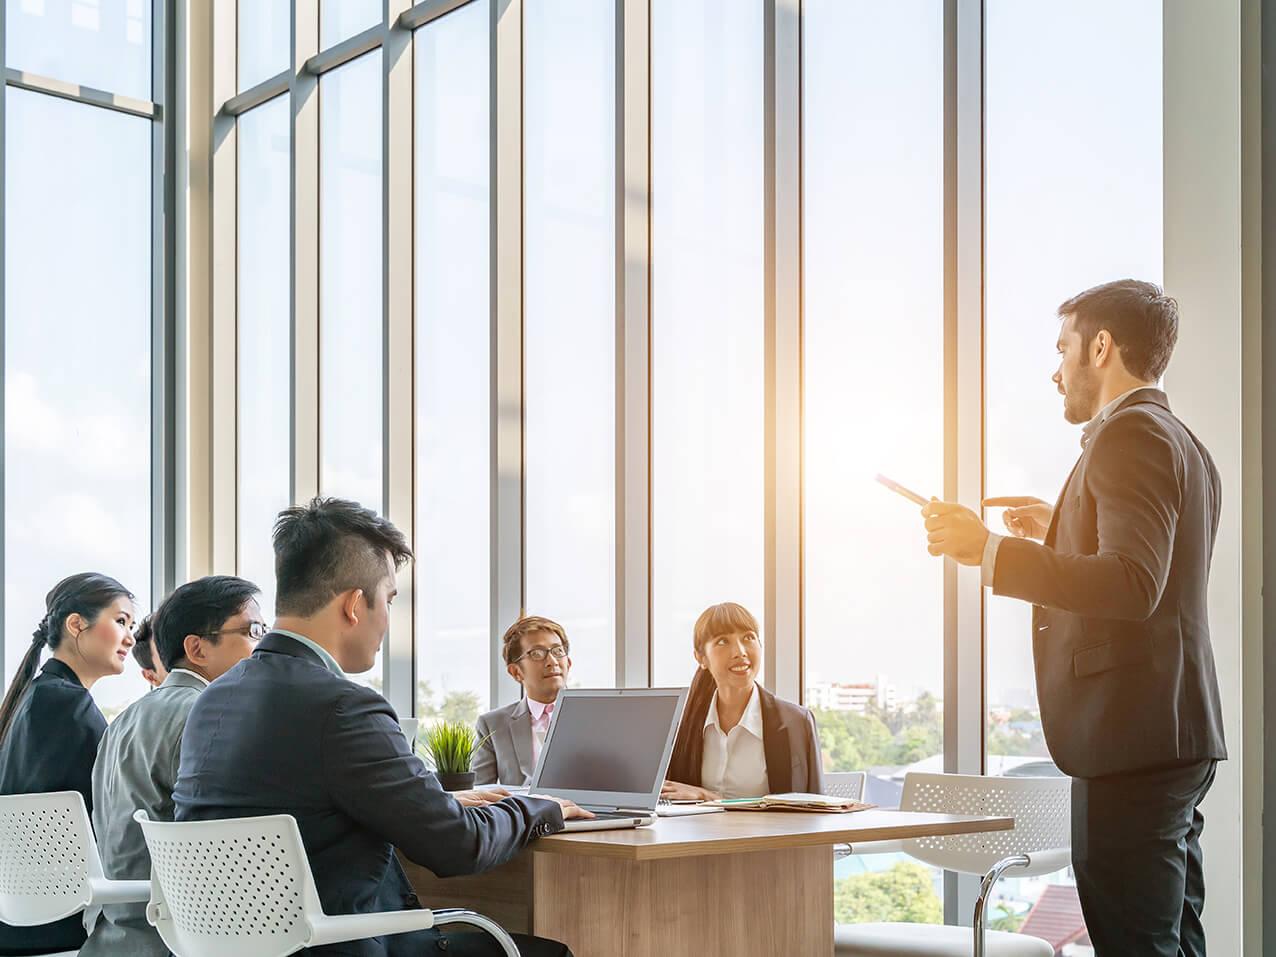 Sichtschutzfolie-weiss-schaltbarer-Blendschutz-Buero-Konferenzraum